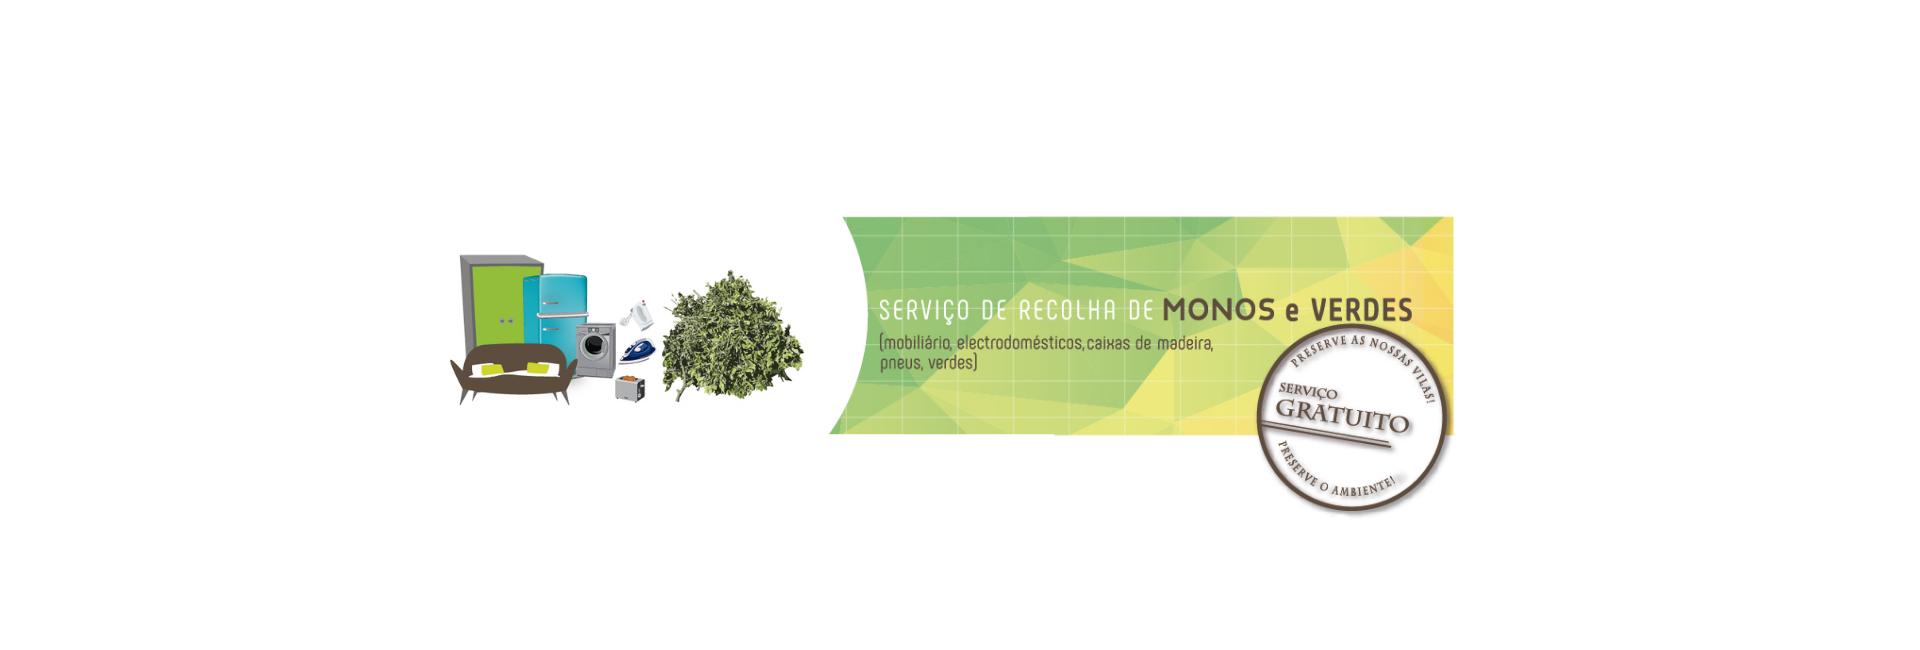 A Câmara Municipal de Mora faz recolha de monos e verdes gratuitamente